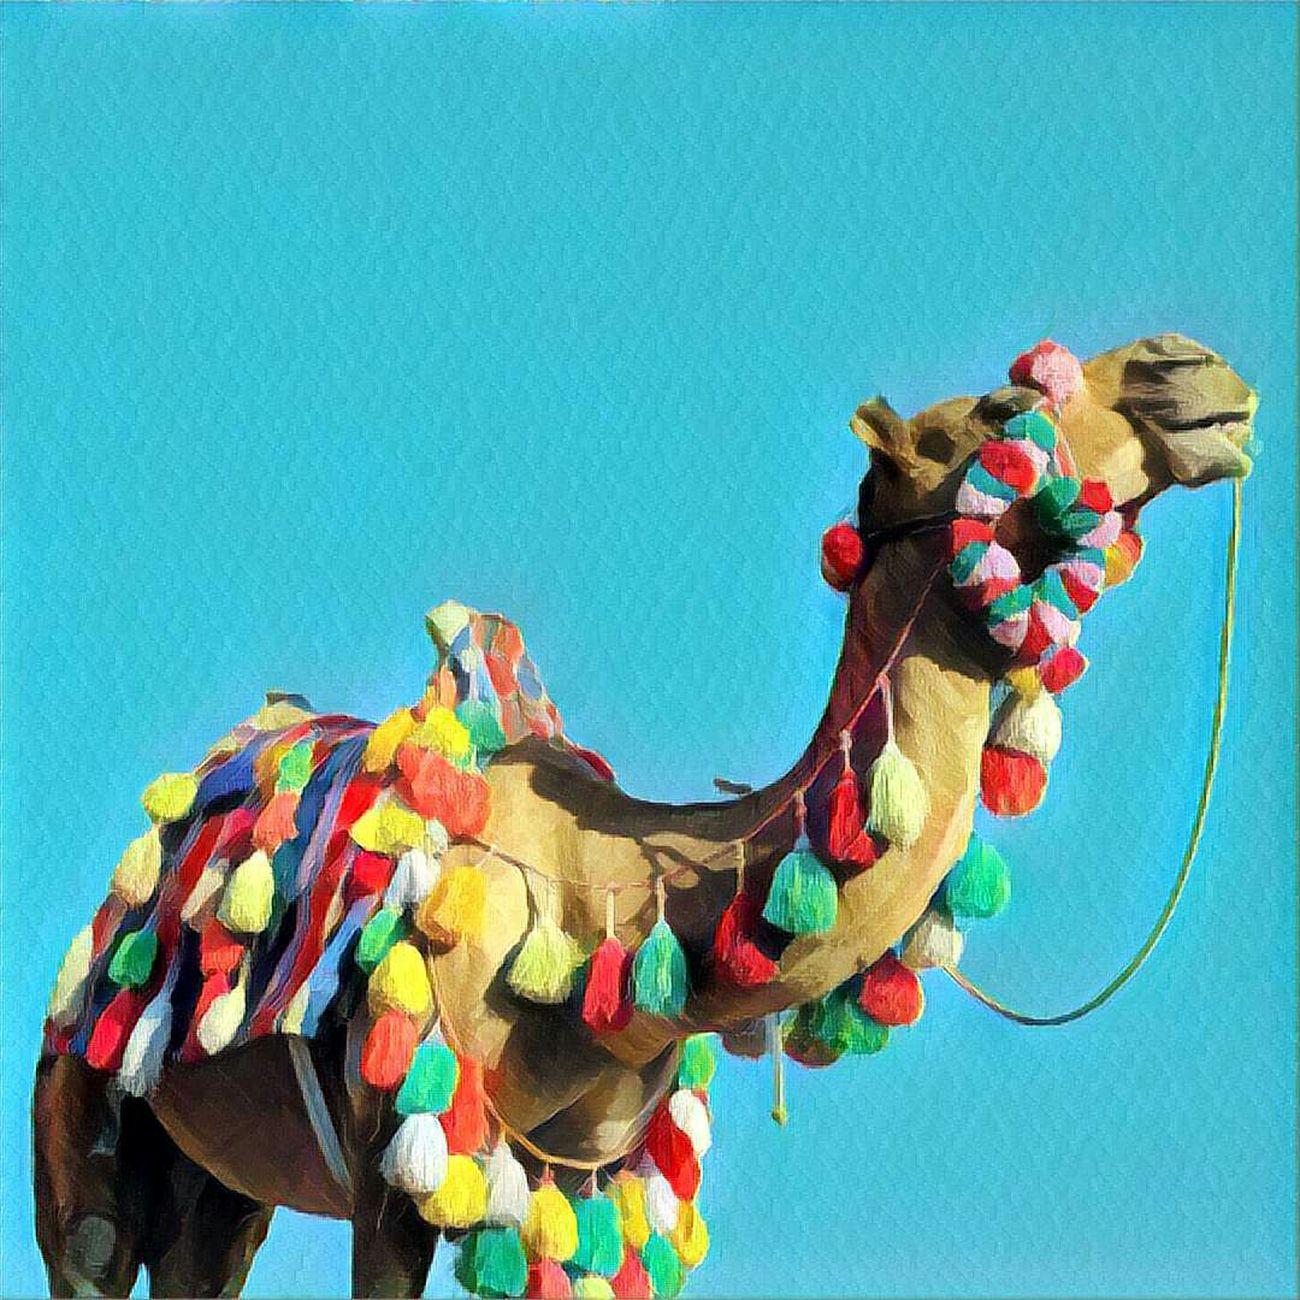 شتر شتر نقش رستم Camel Animal Colorful Prisma Art Naqsh-e Rostam Friday Iran Irantravel Iranian_photography Iranshots ایرانگردی ایران